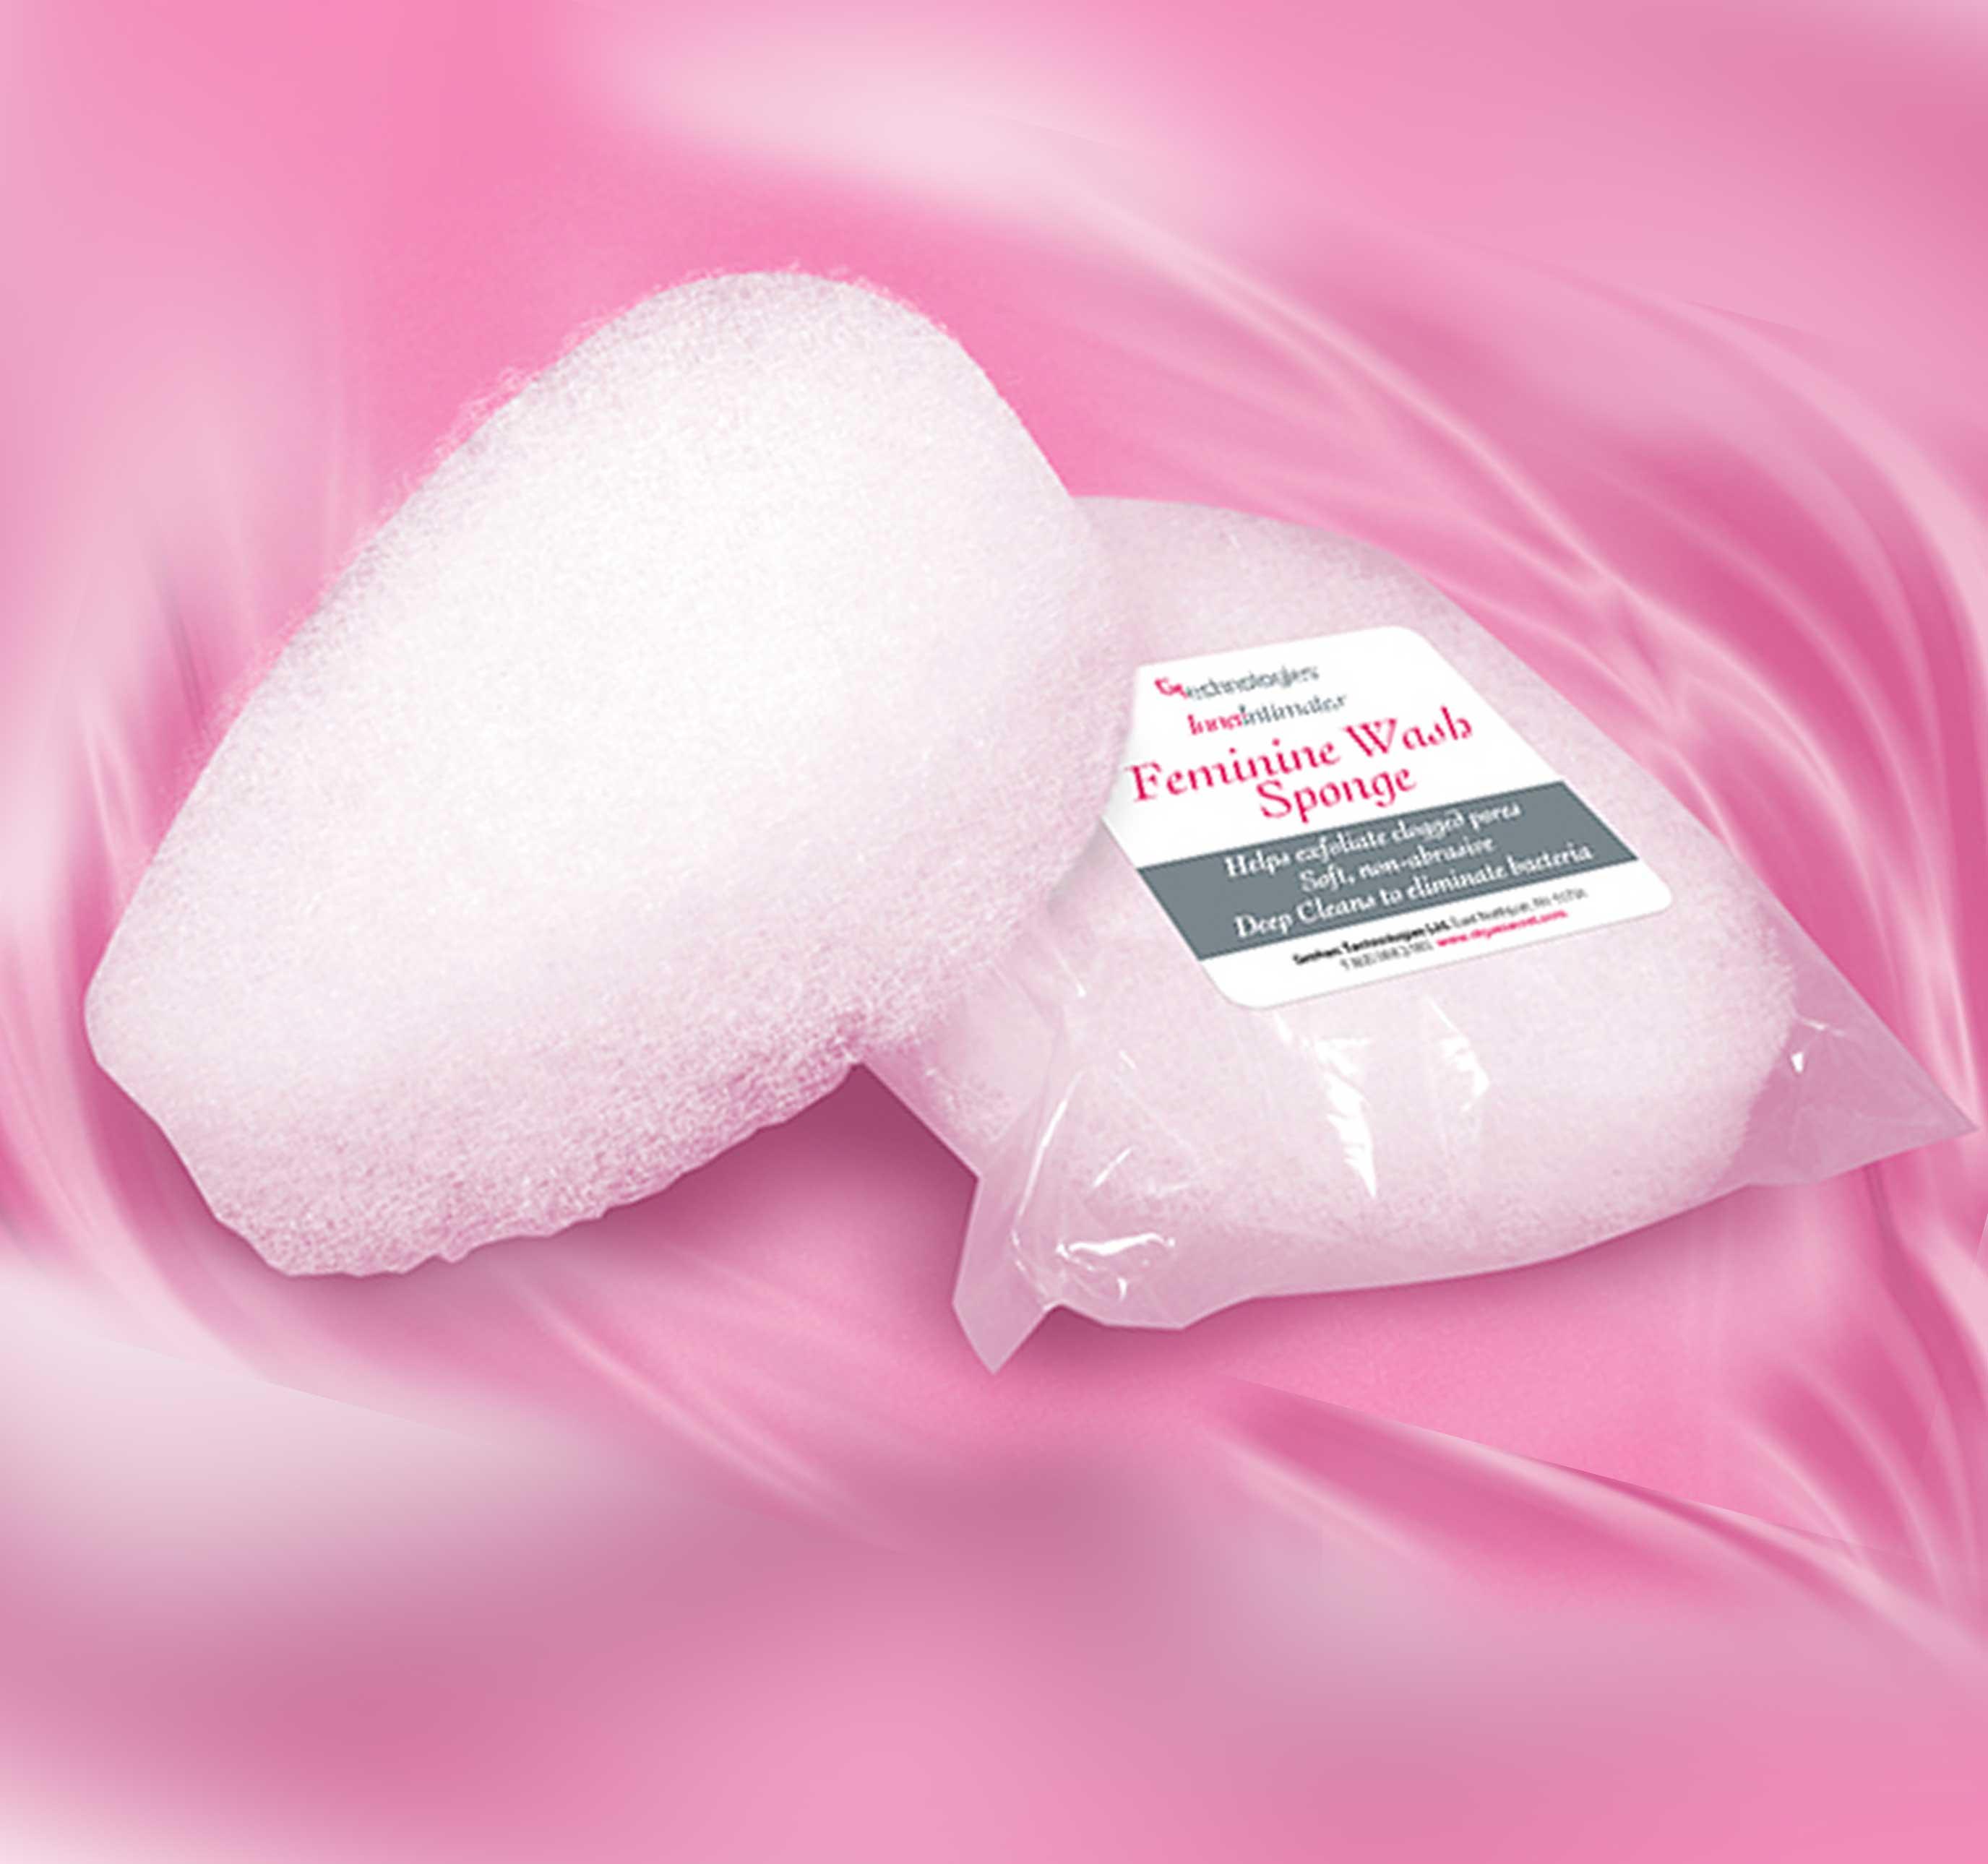 Vaginal Wash Products Vaginal Wash Sponge Olgas Secret Online Shop